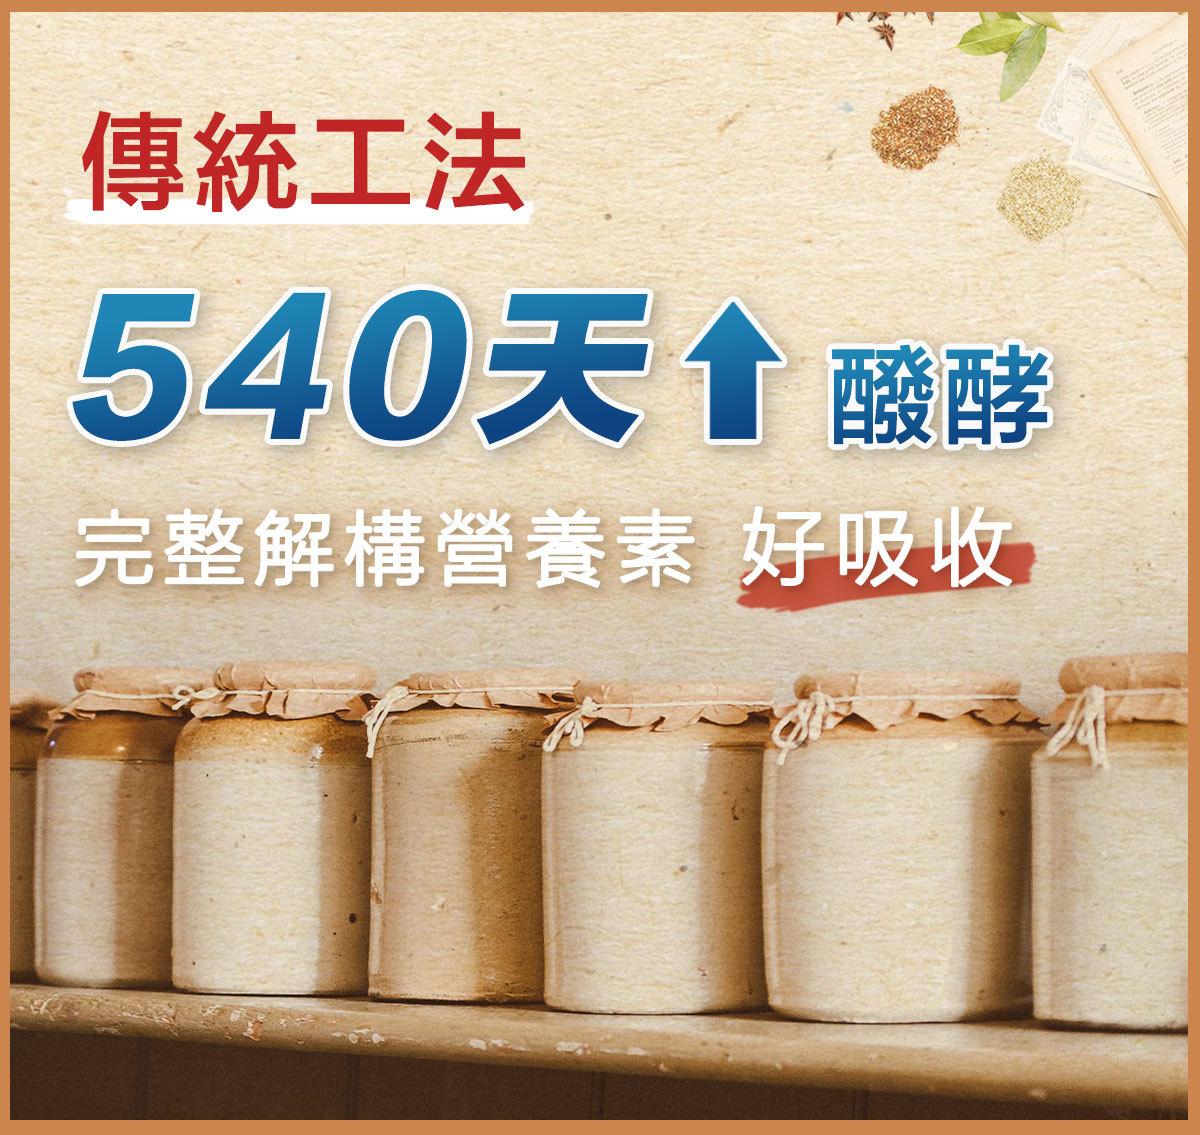 全家力酵素-540傳統工法醱酵